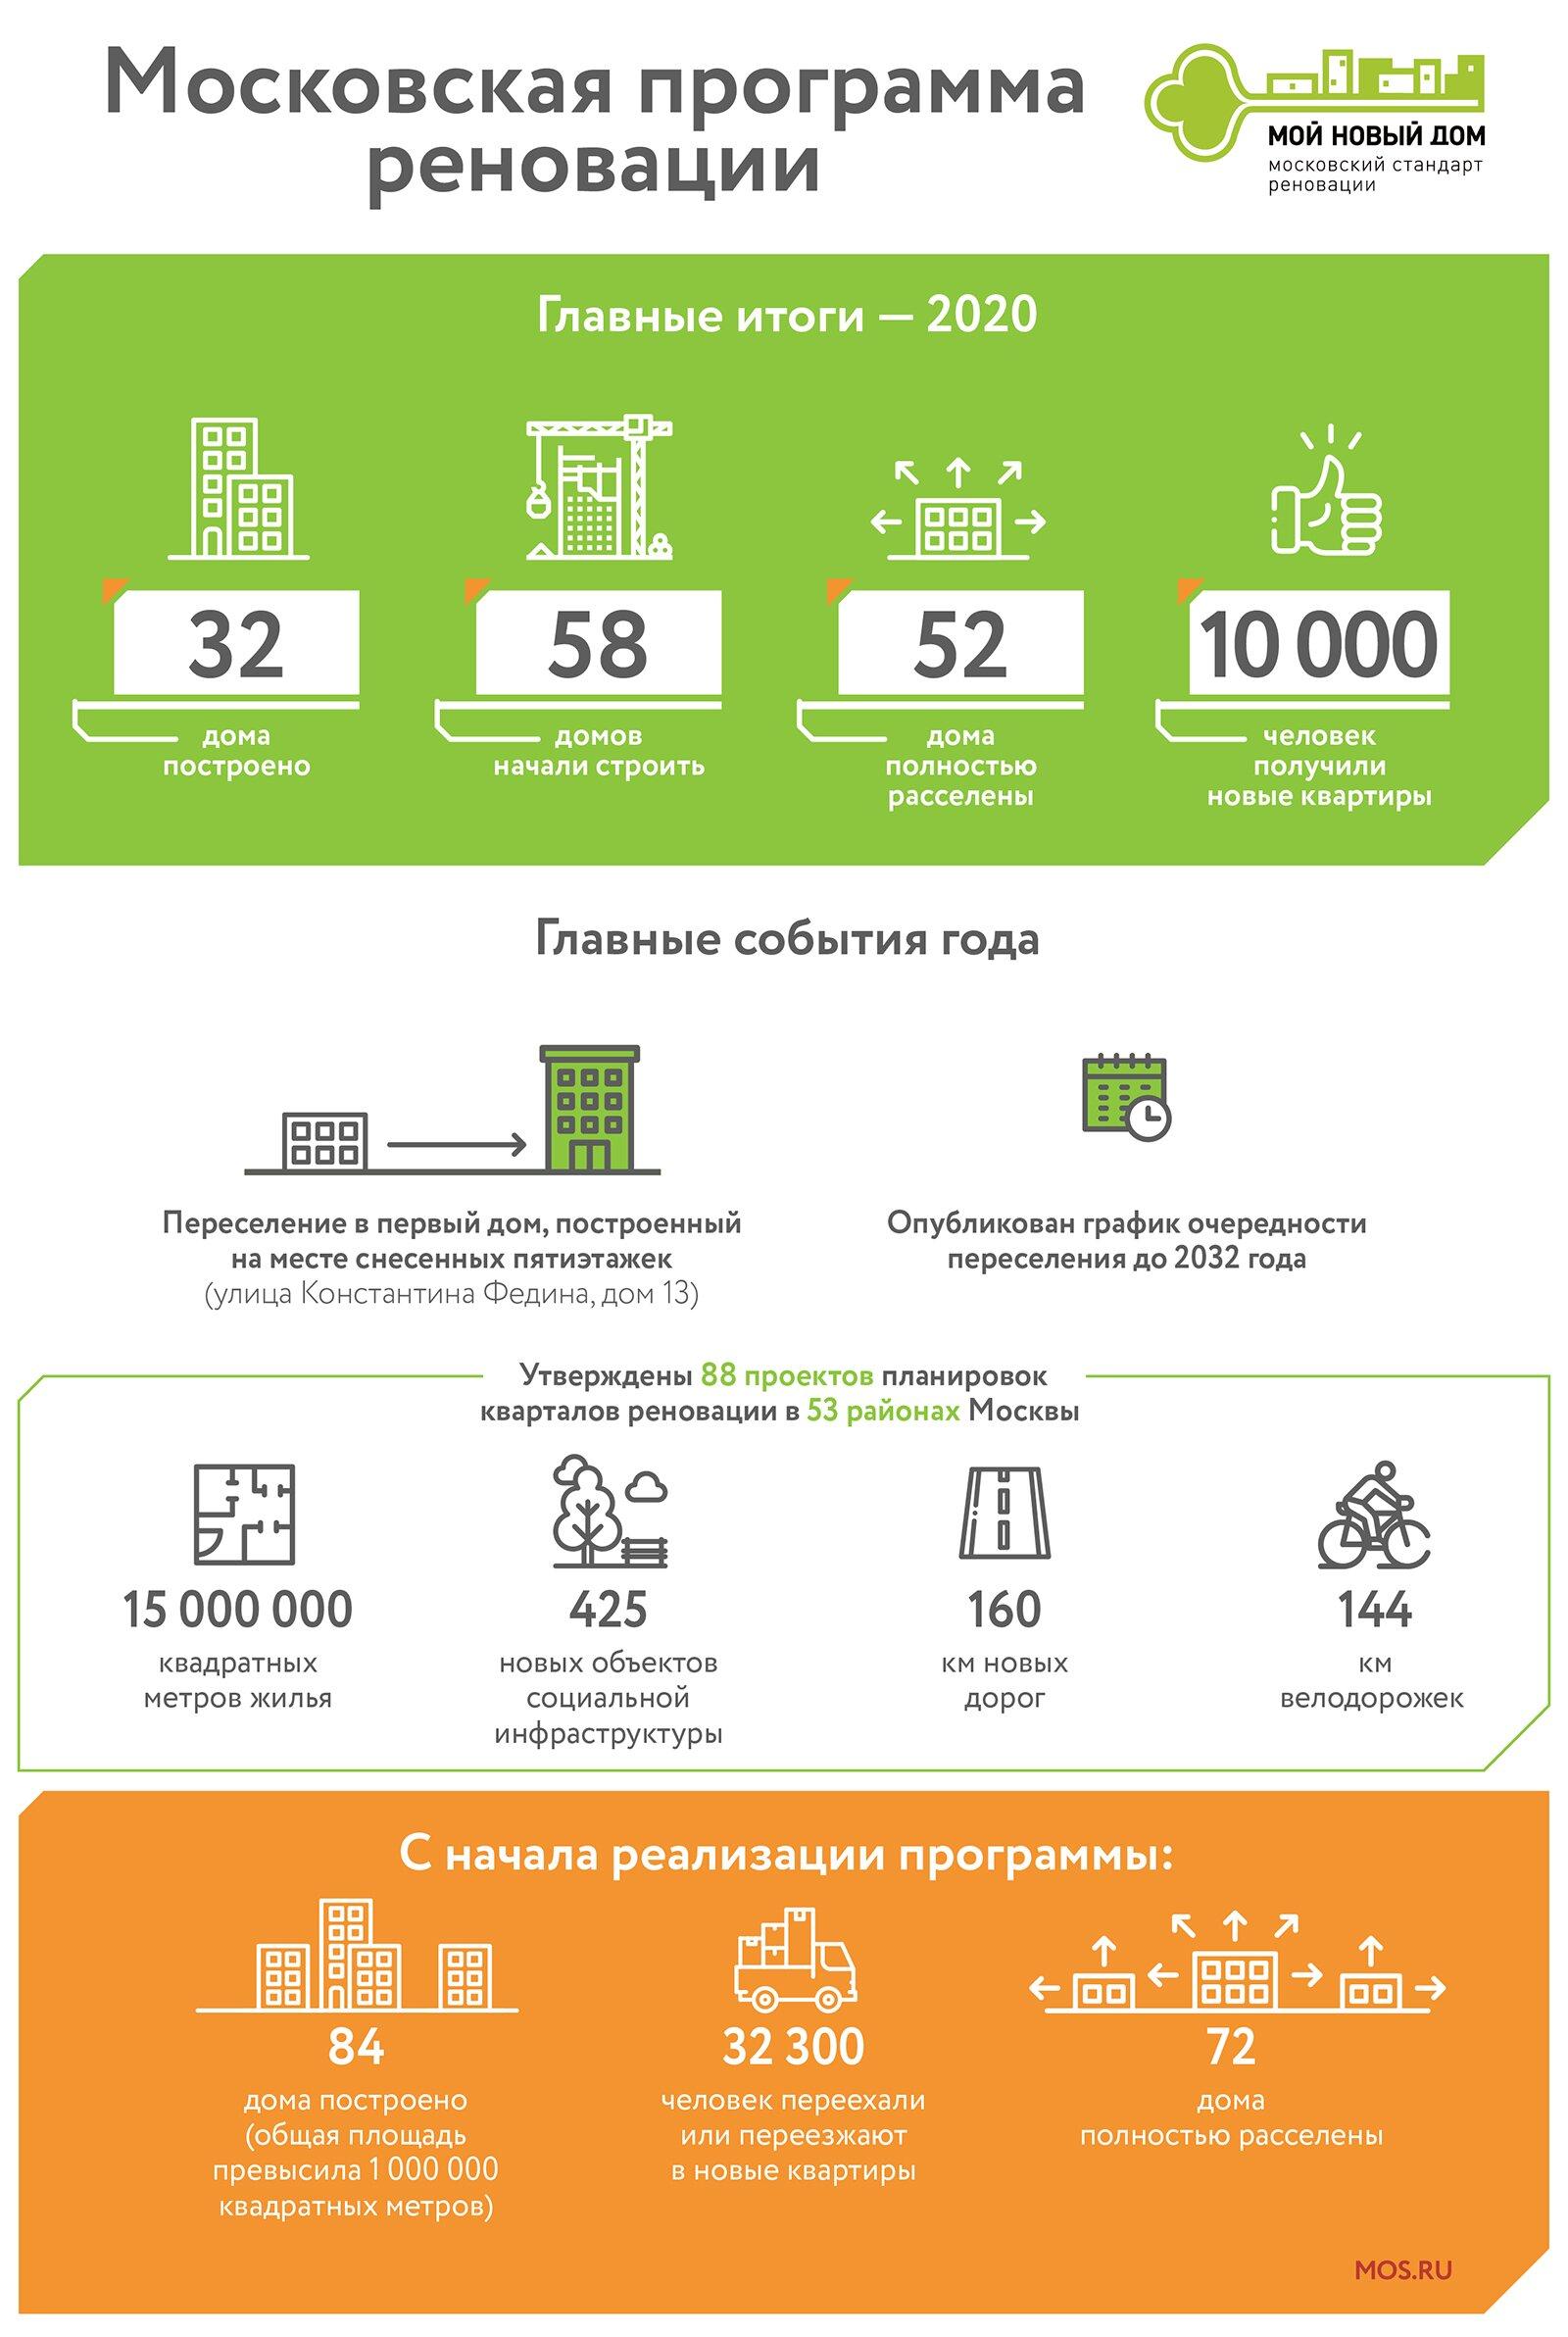 Итоги года: миллион квадратных метров и 10 тысяч новоселов по программе реновации